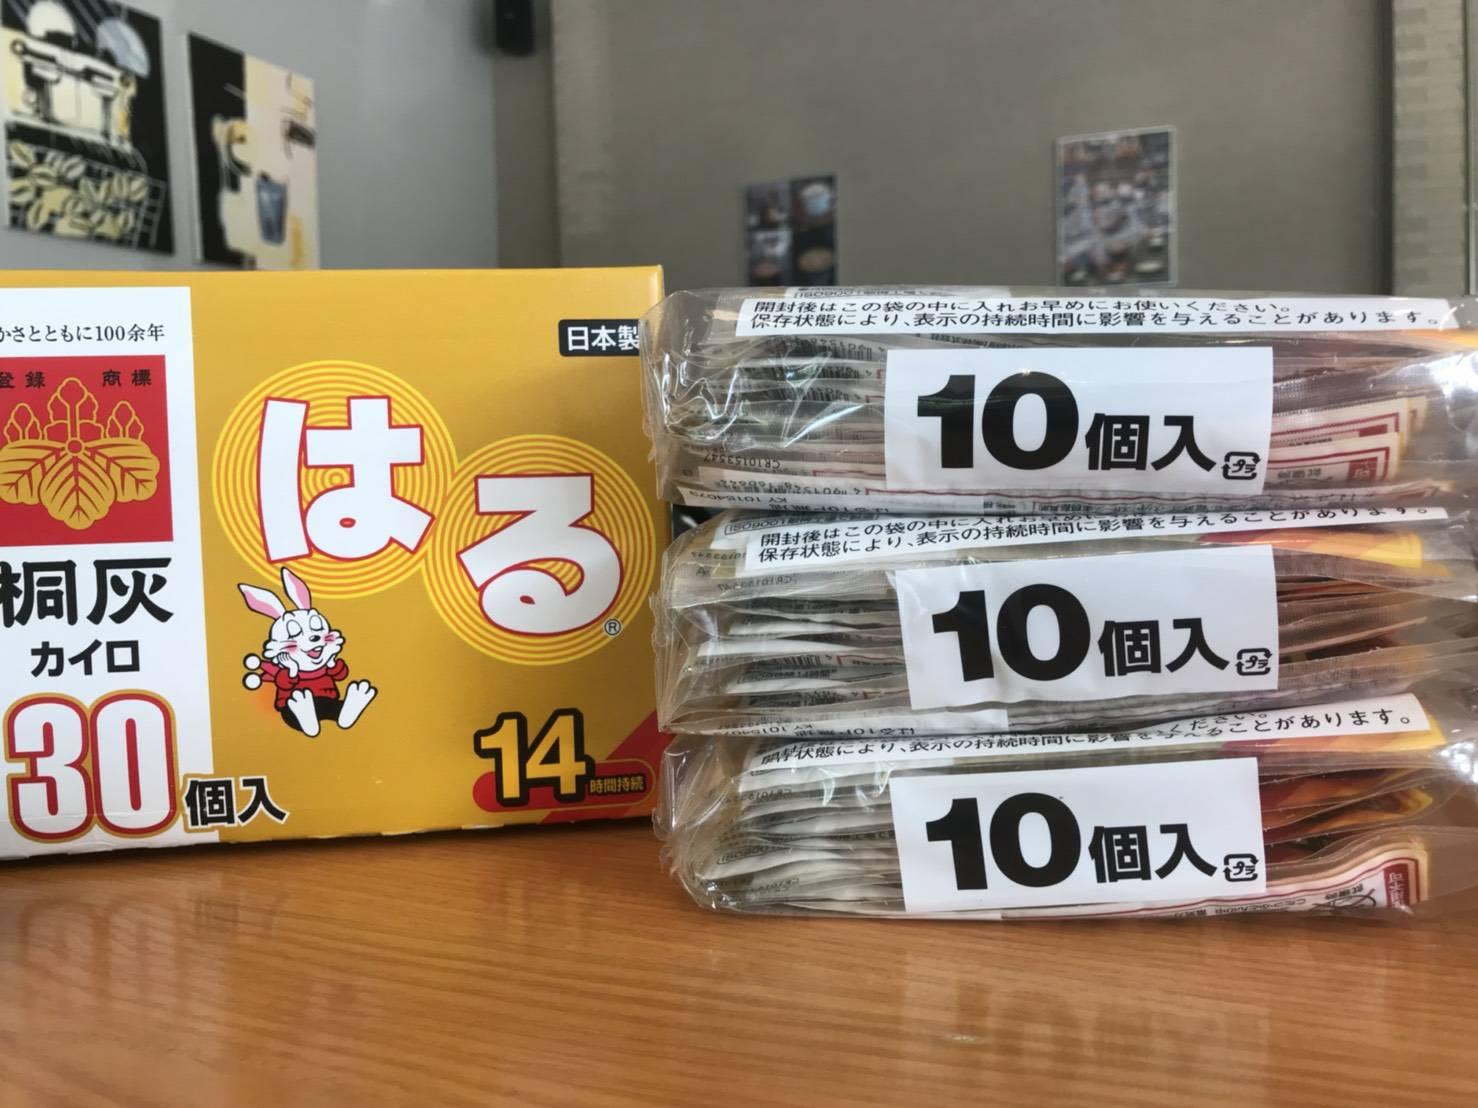 เเผ่นกันหนาวเเปะตัวขนาดใหญ่ อุ่นนาน 14 ชั่วโมง ญี่ปุ่นแท้ๆ สินค้าเพิ่งเข้ามาใหม่